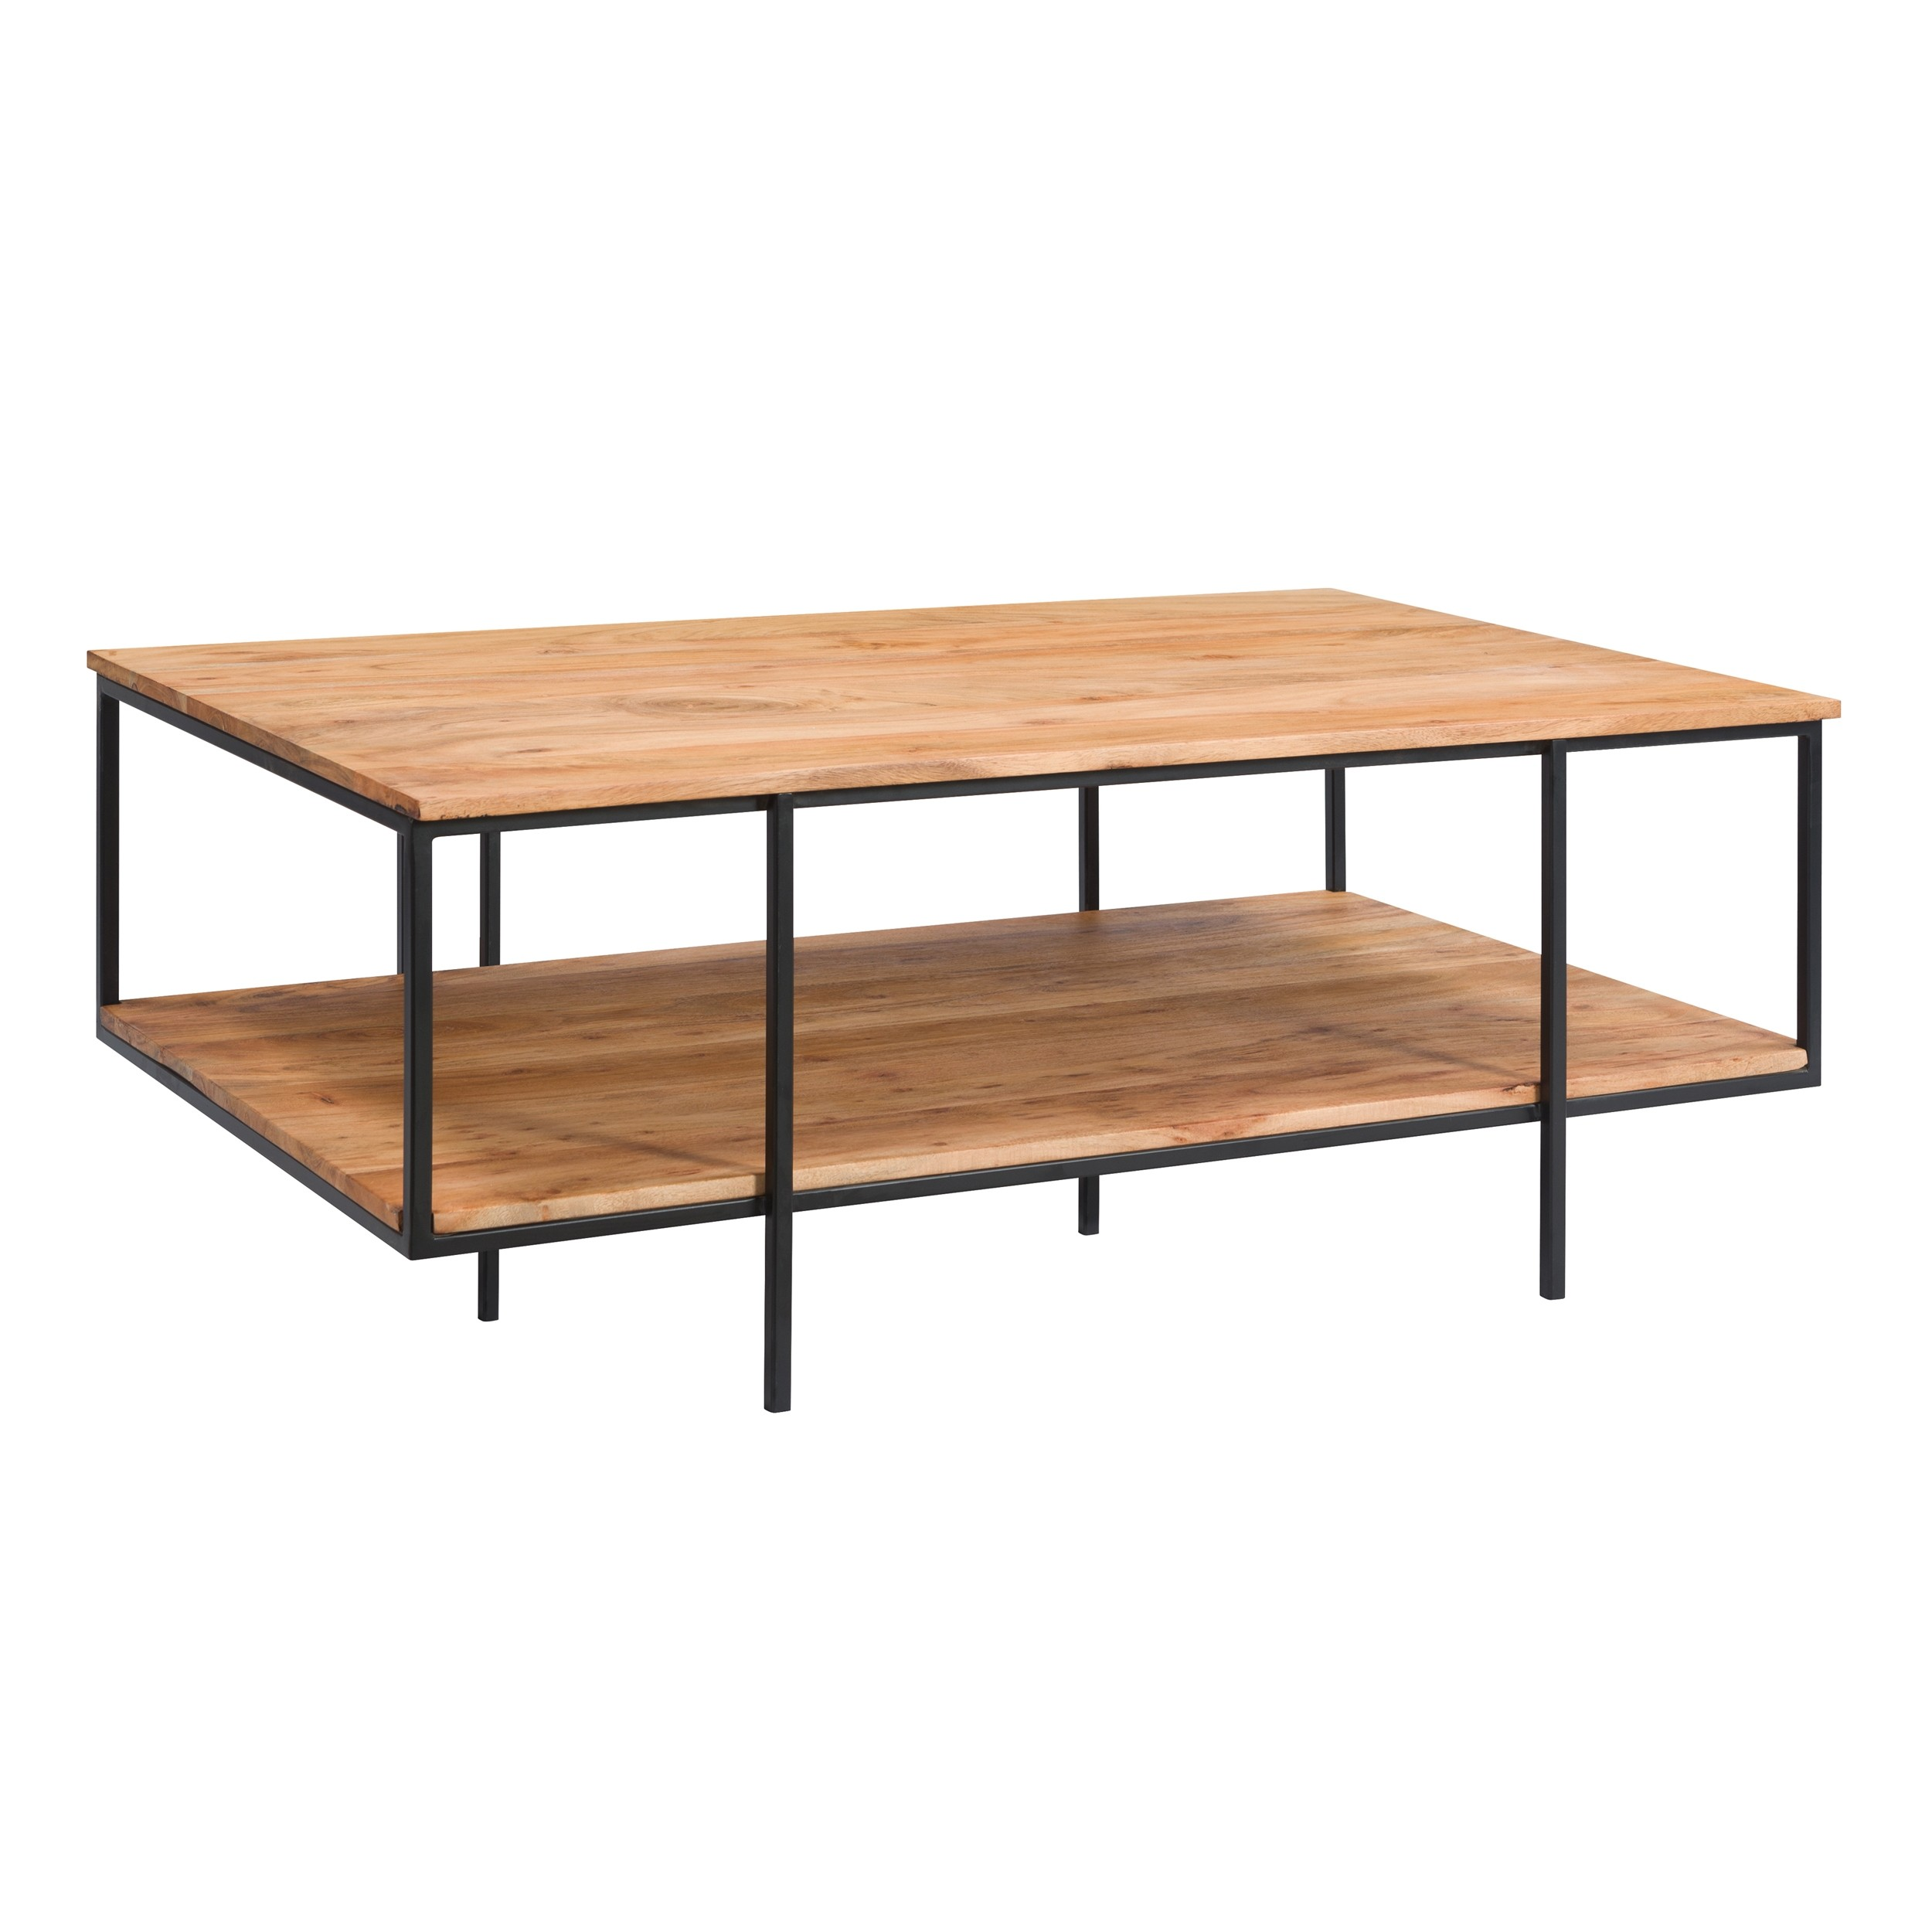 acheter table basse rectangulaire en bois clair